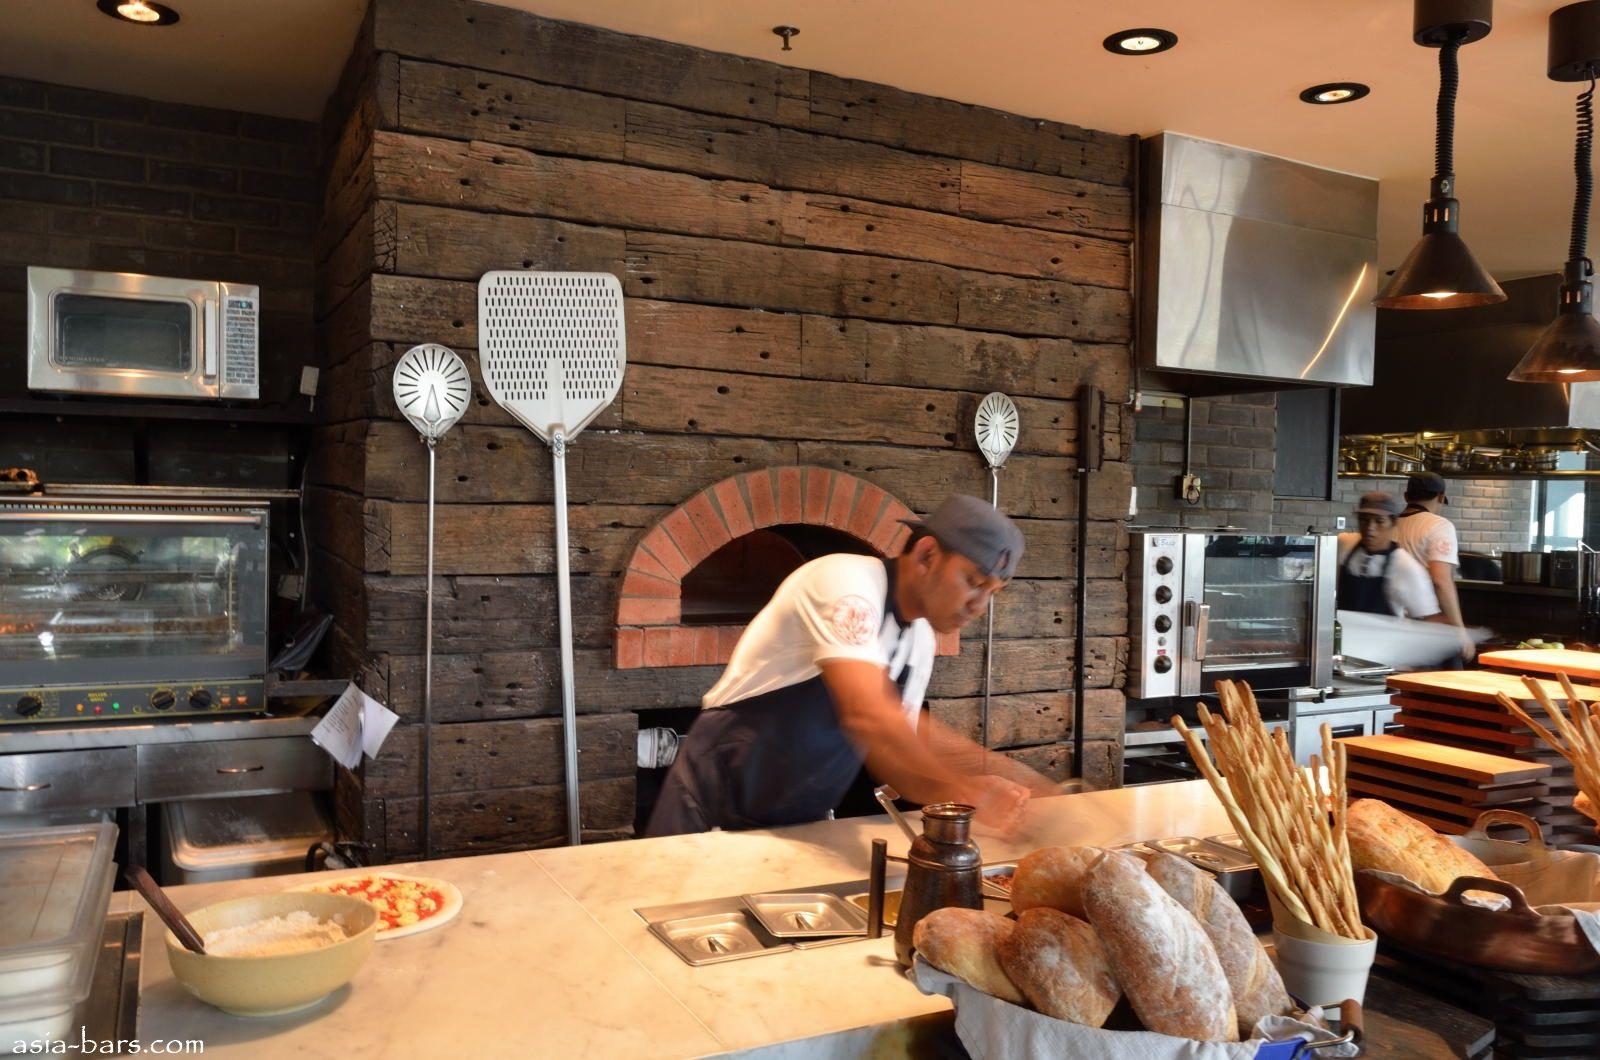 """Képtalálat A Következőre """"pizza Interior"""" Forte Update Pinterest"""